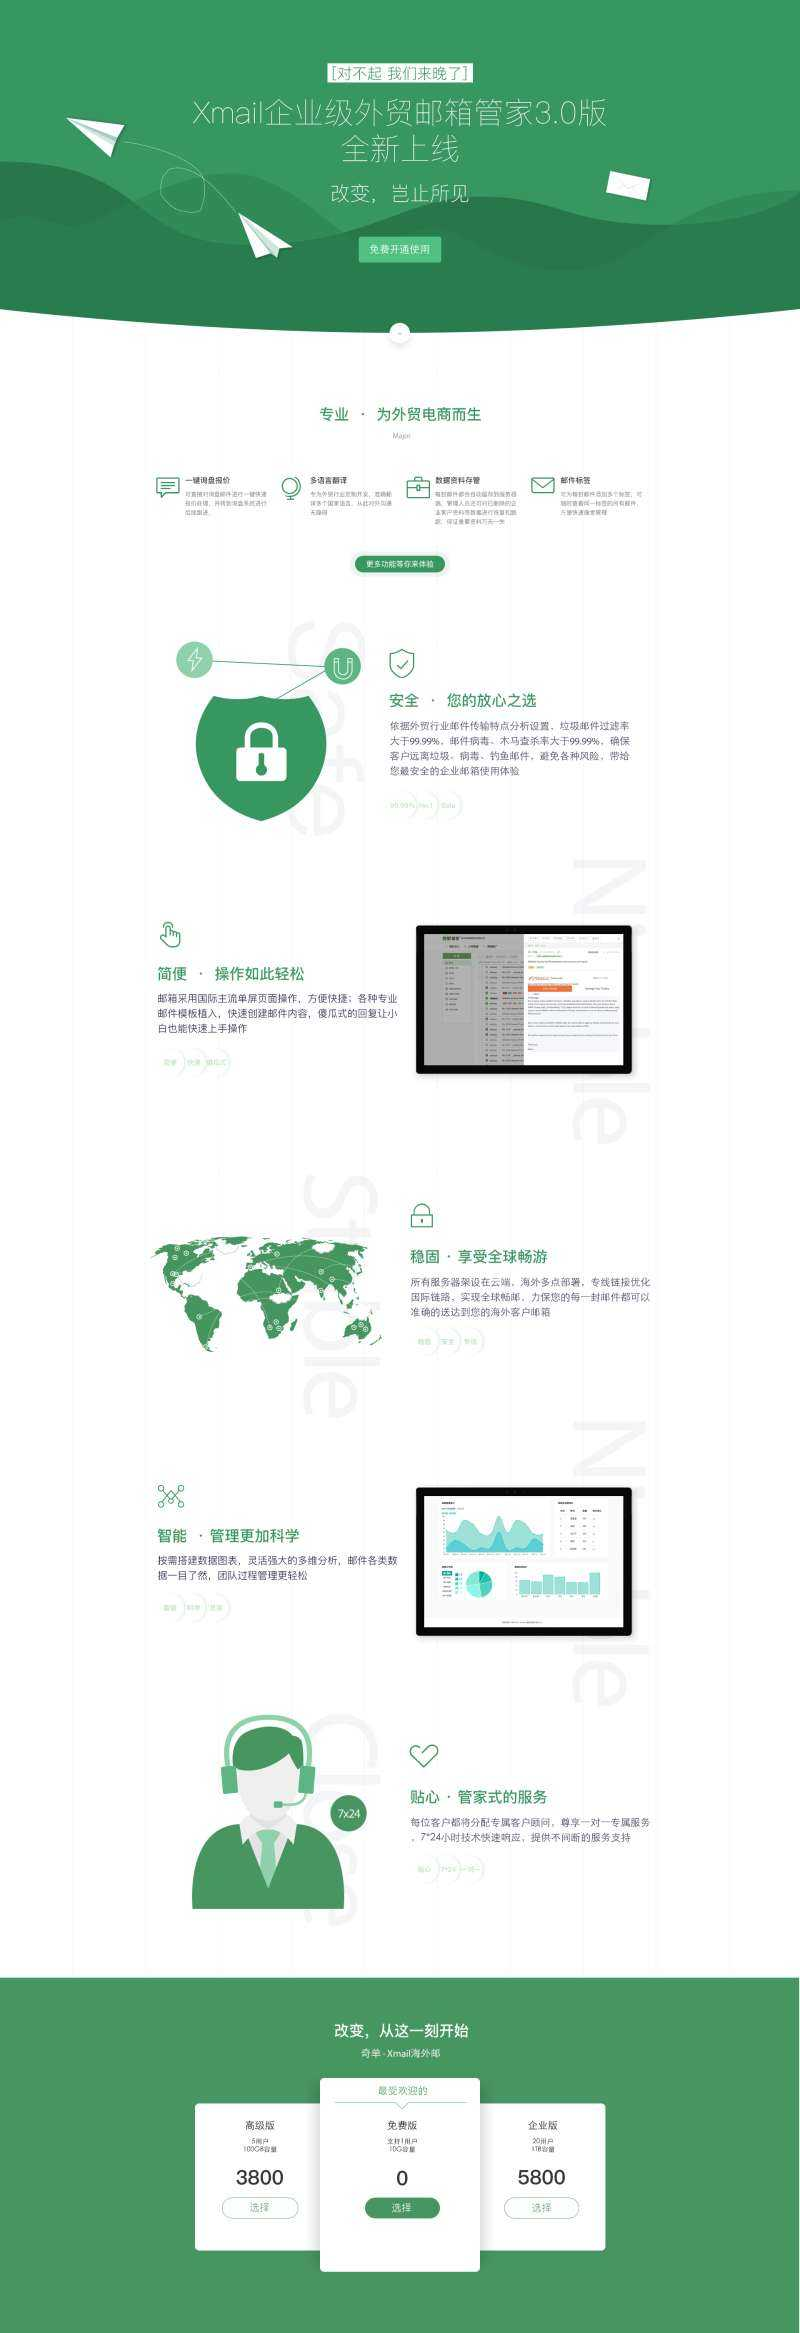 绿色大气的邮箱推广专题介绍页面psd模板